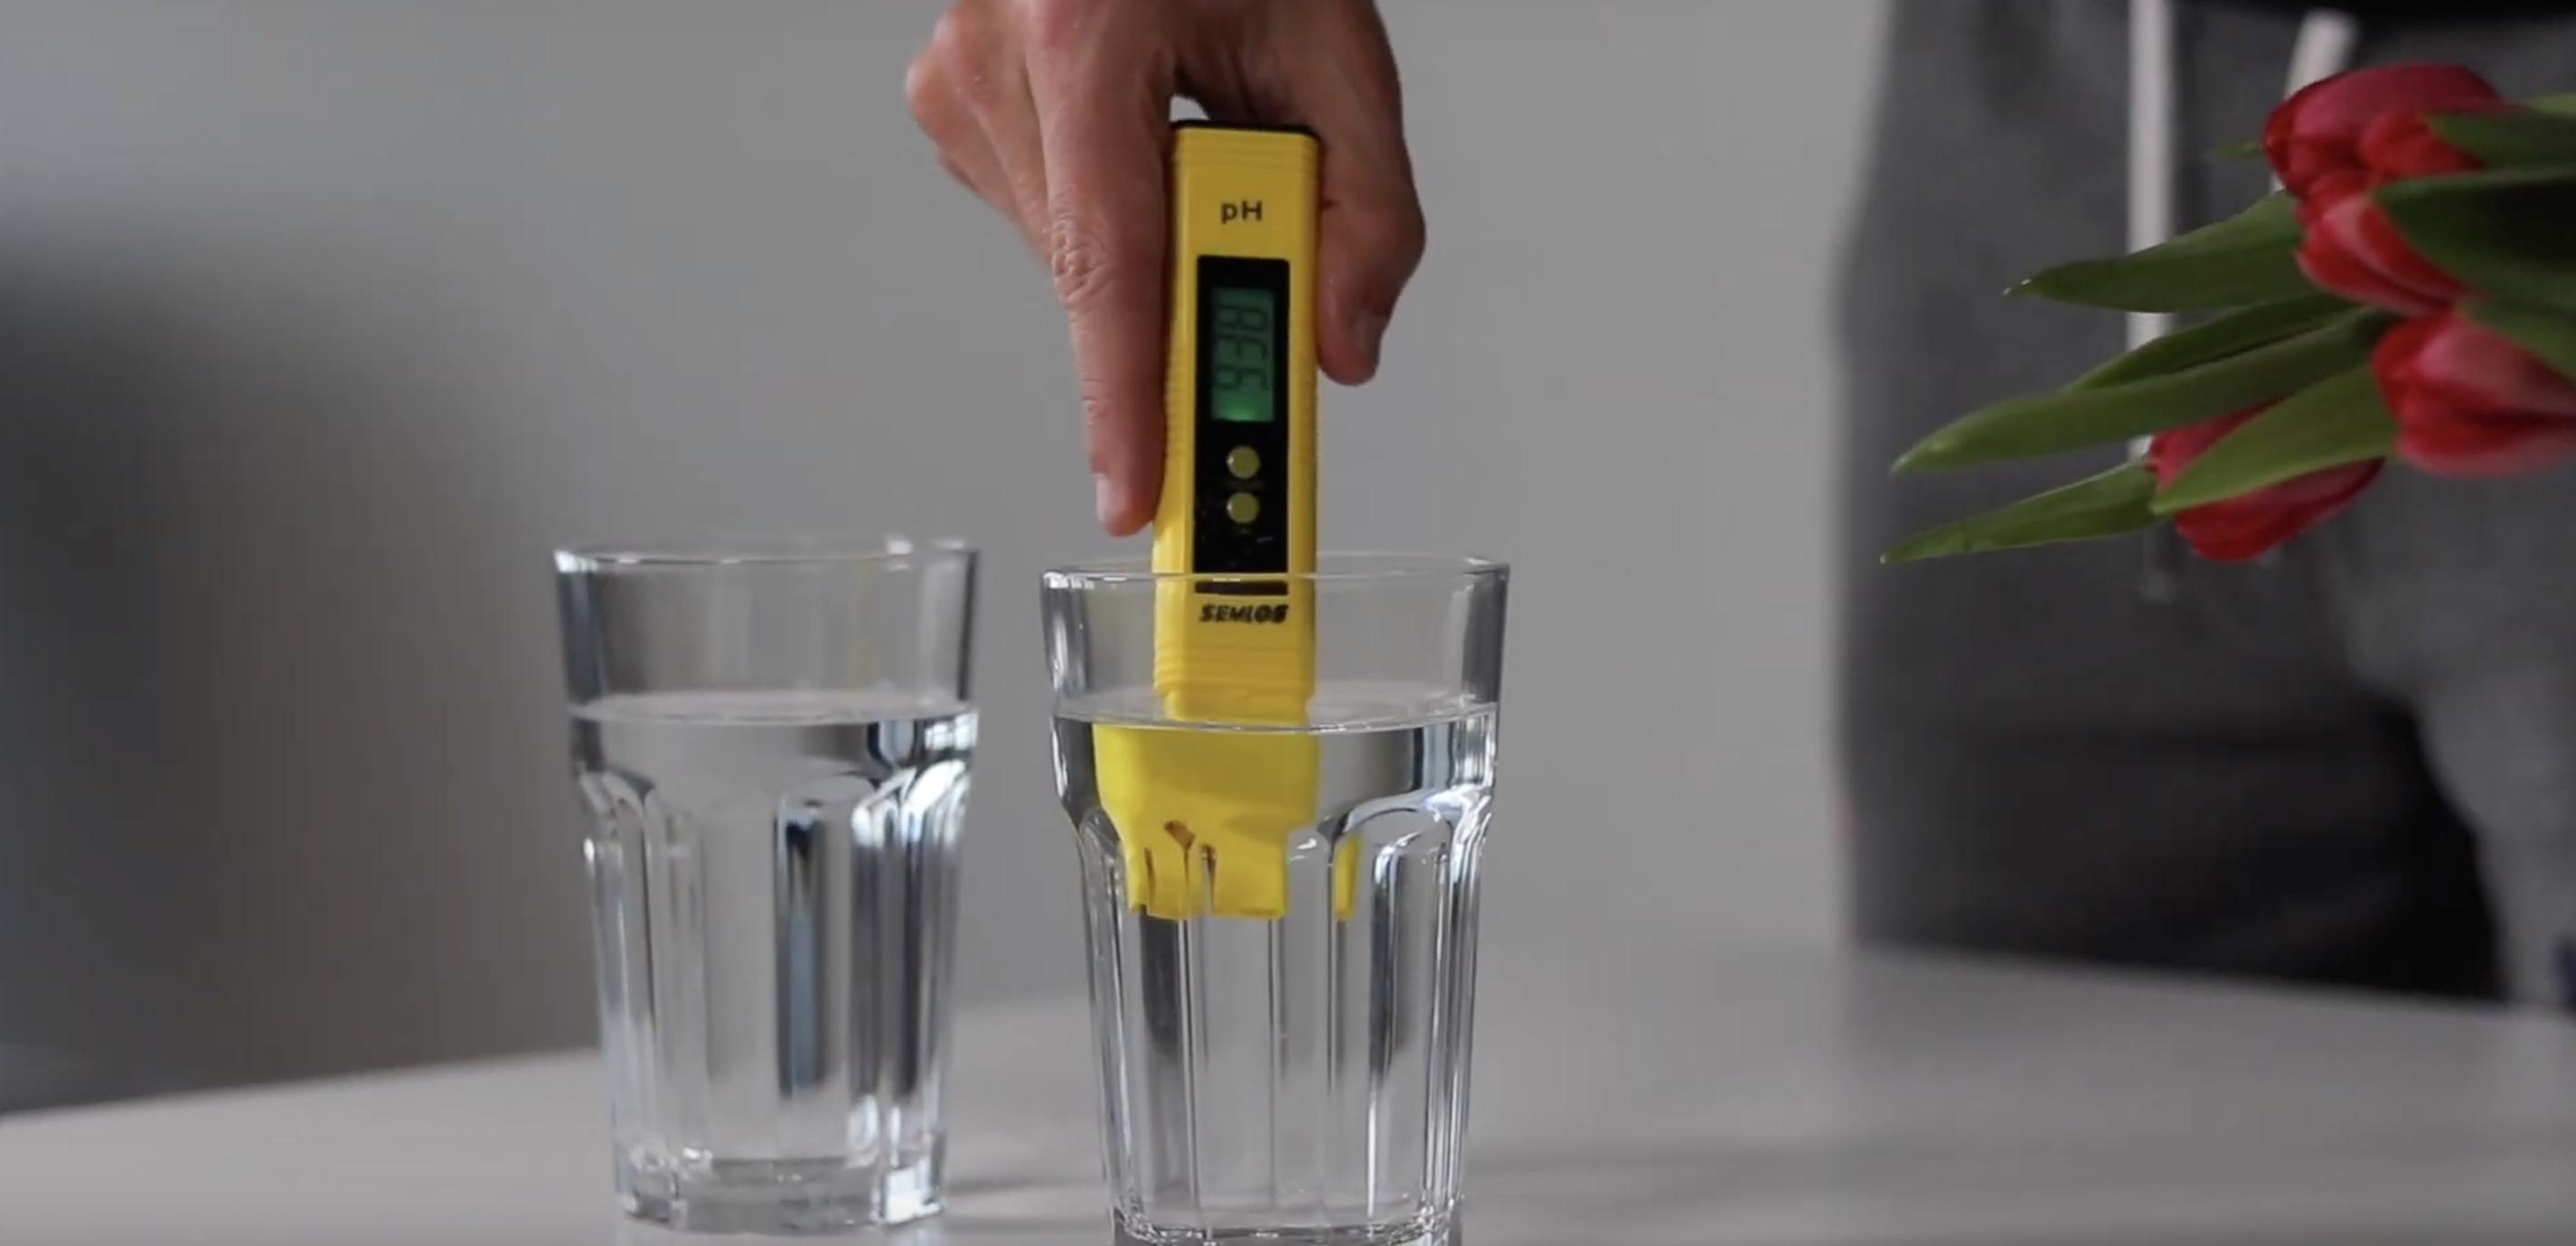 Razkrivamo: Merljive Razlike Med Navadno In Vitalno Vodo…